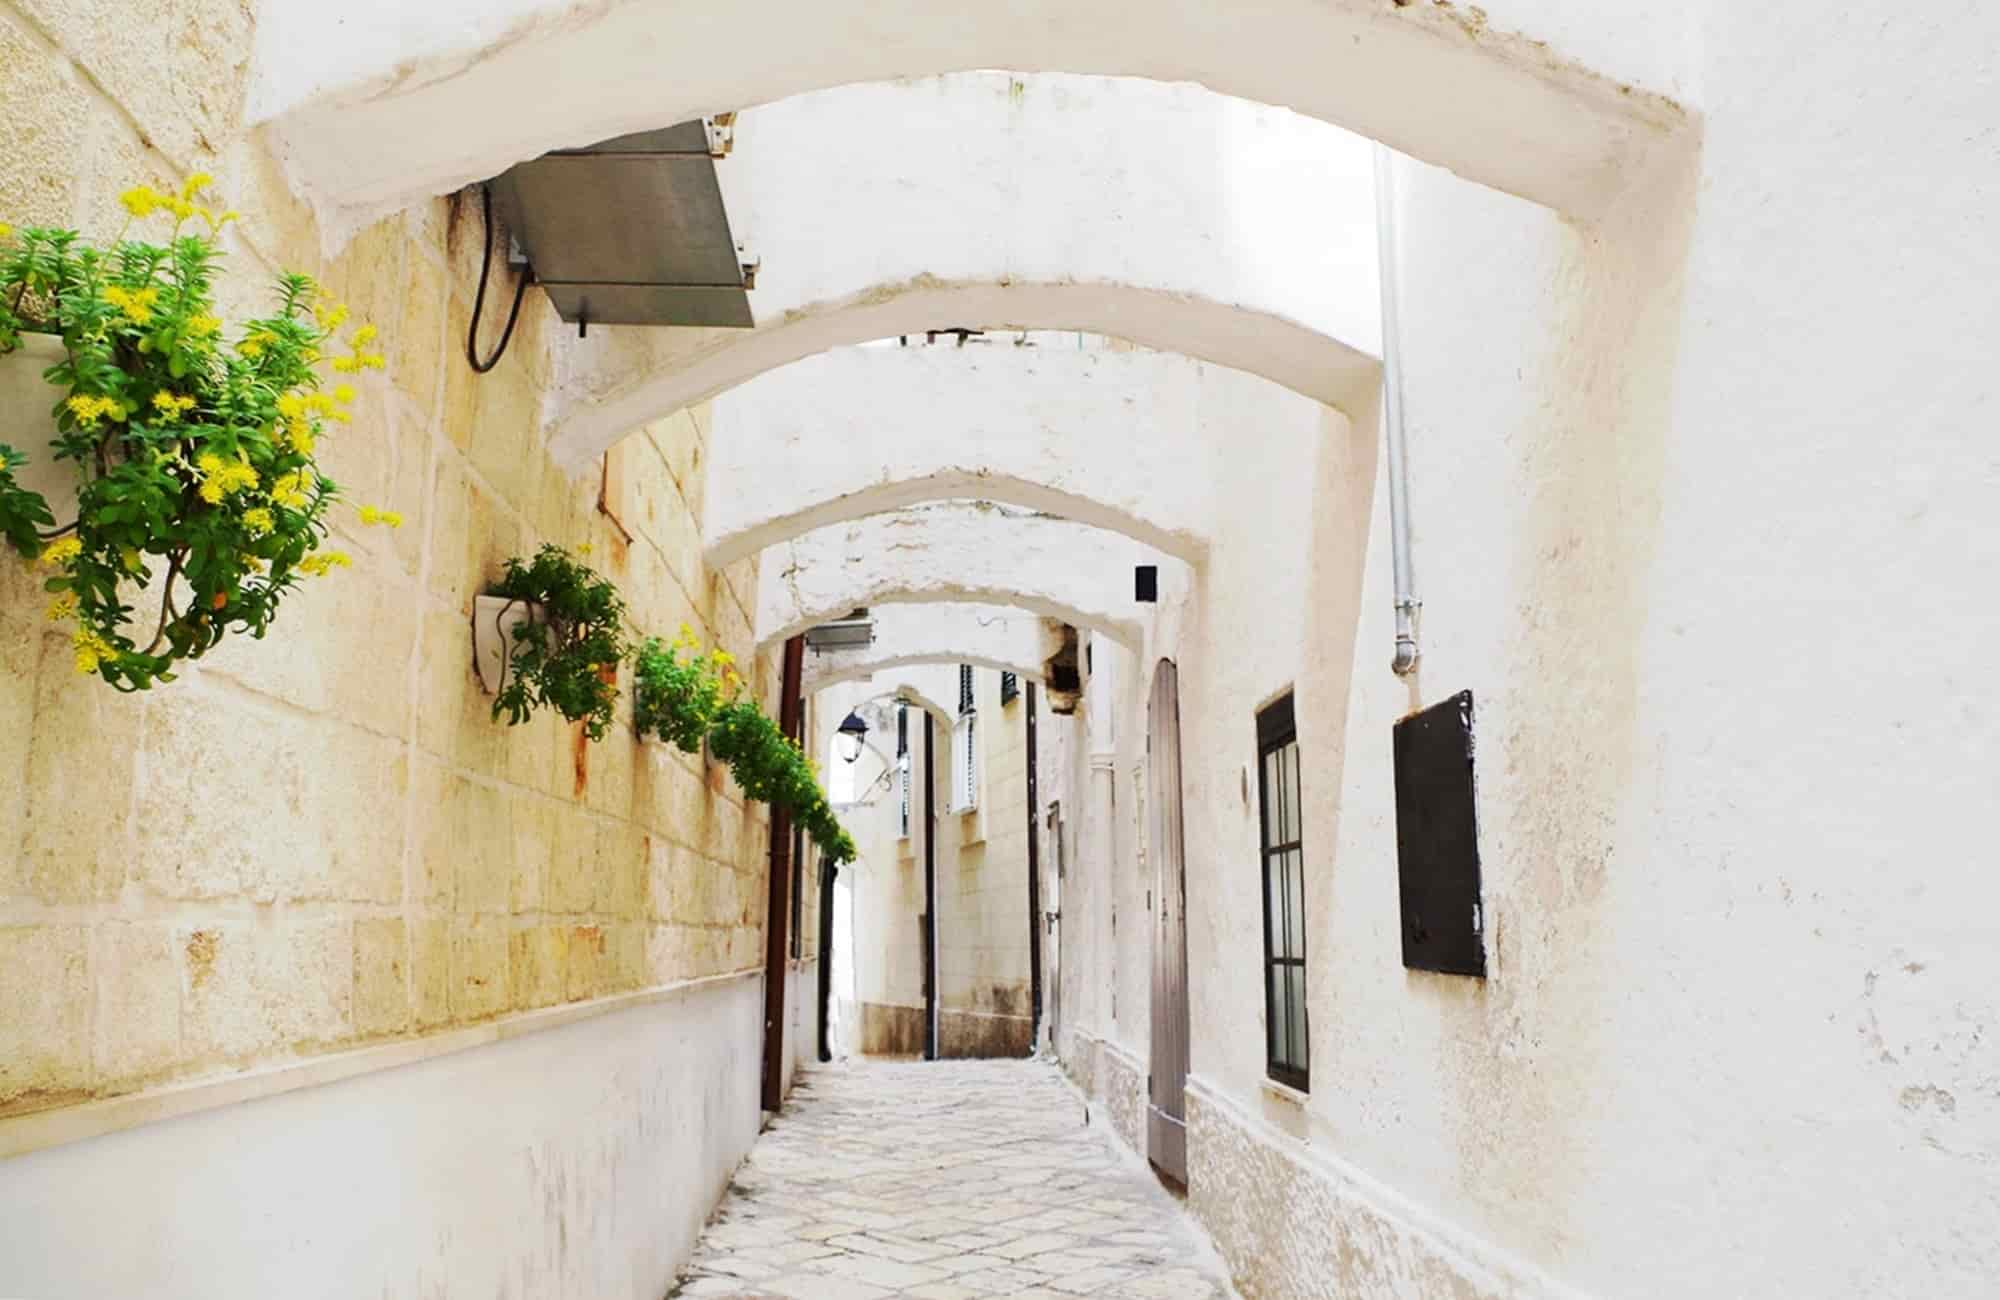 Voyage en Italie - Monopoli - Amplitudes